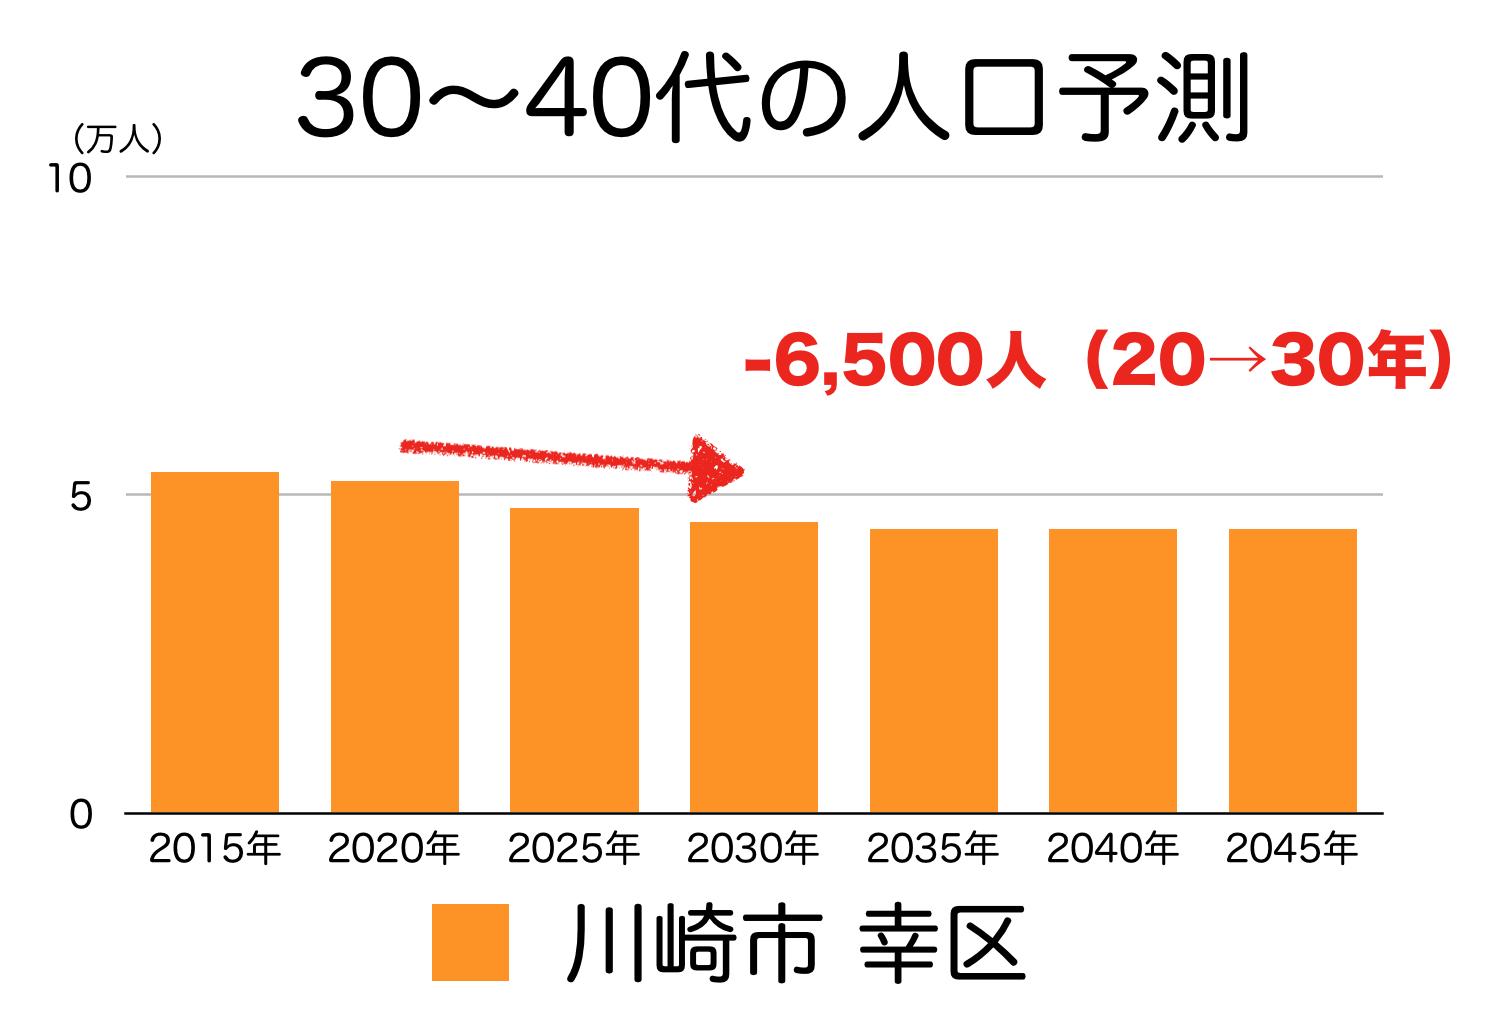 川崎市幸区の30〜40代人口の予測